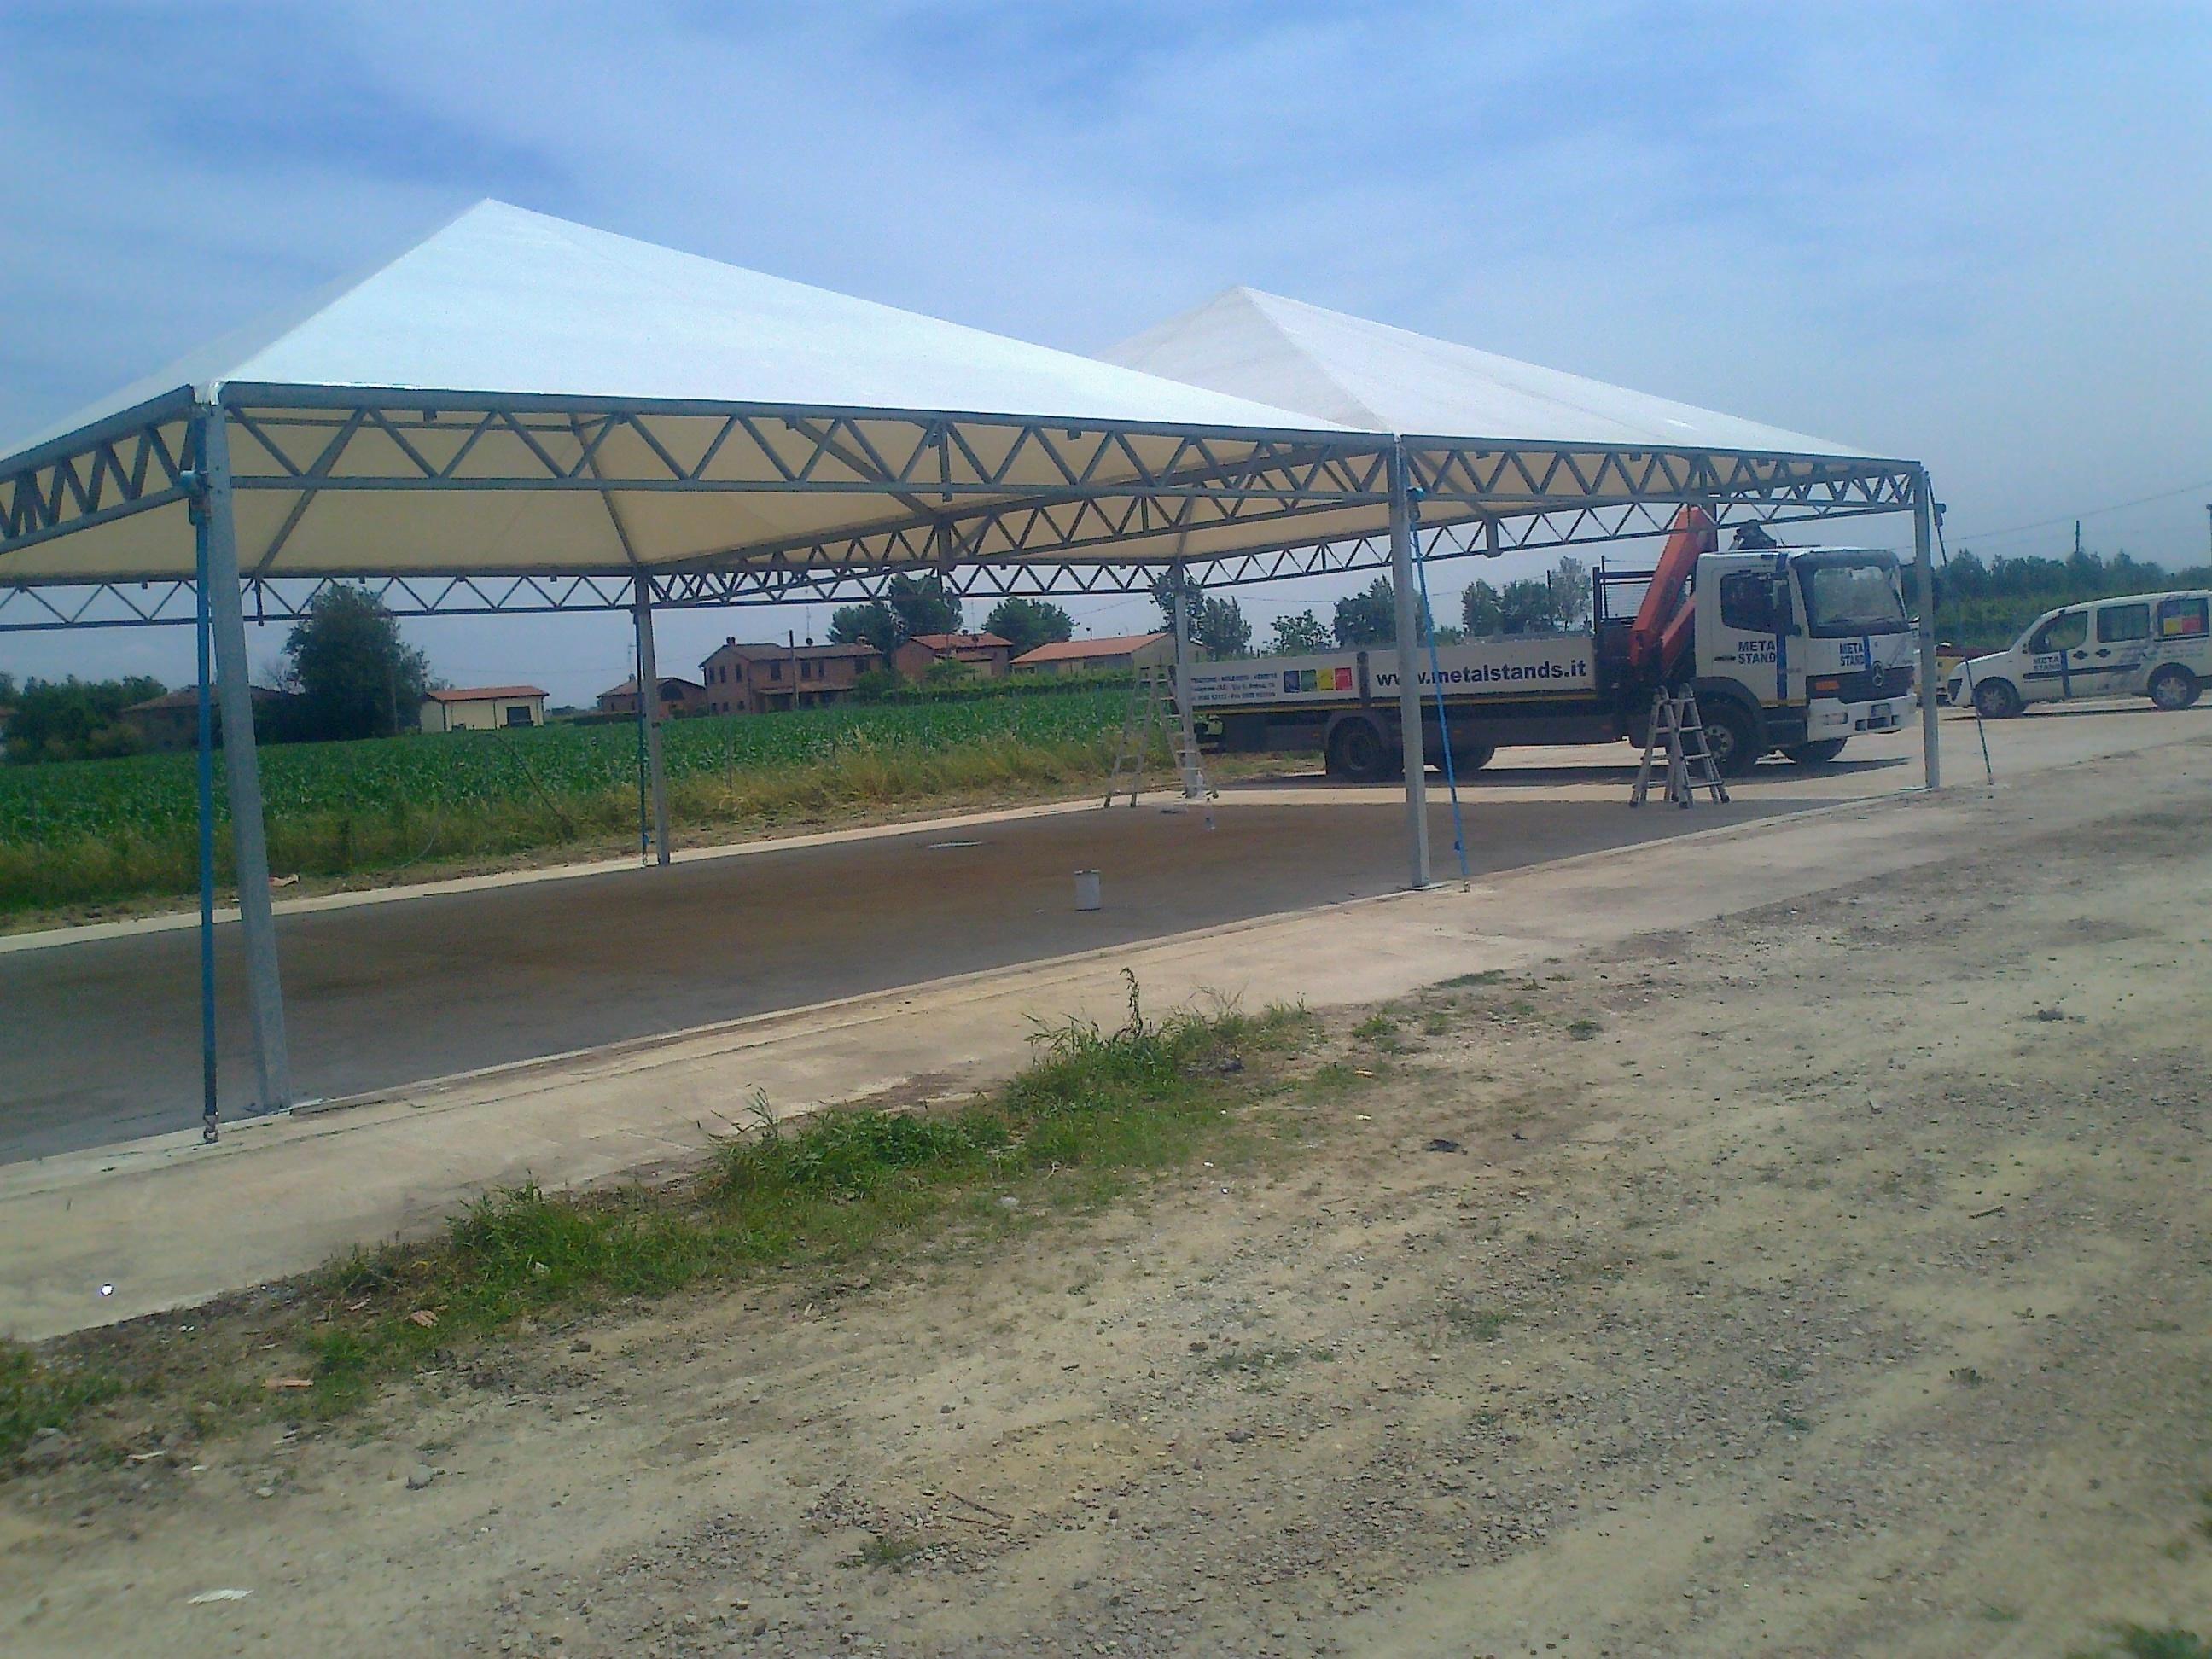 vendita strutture usate d 39 occasione metal stands